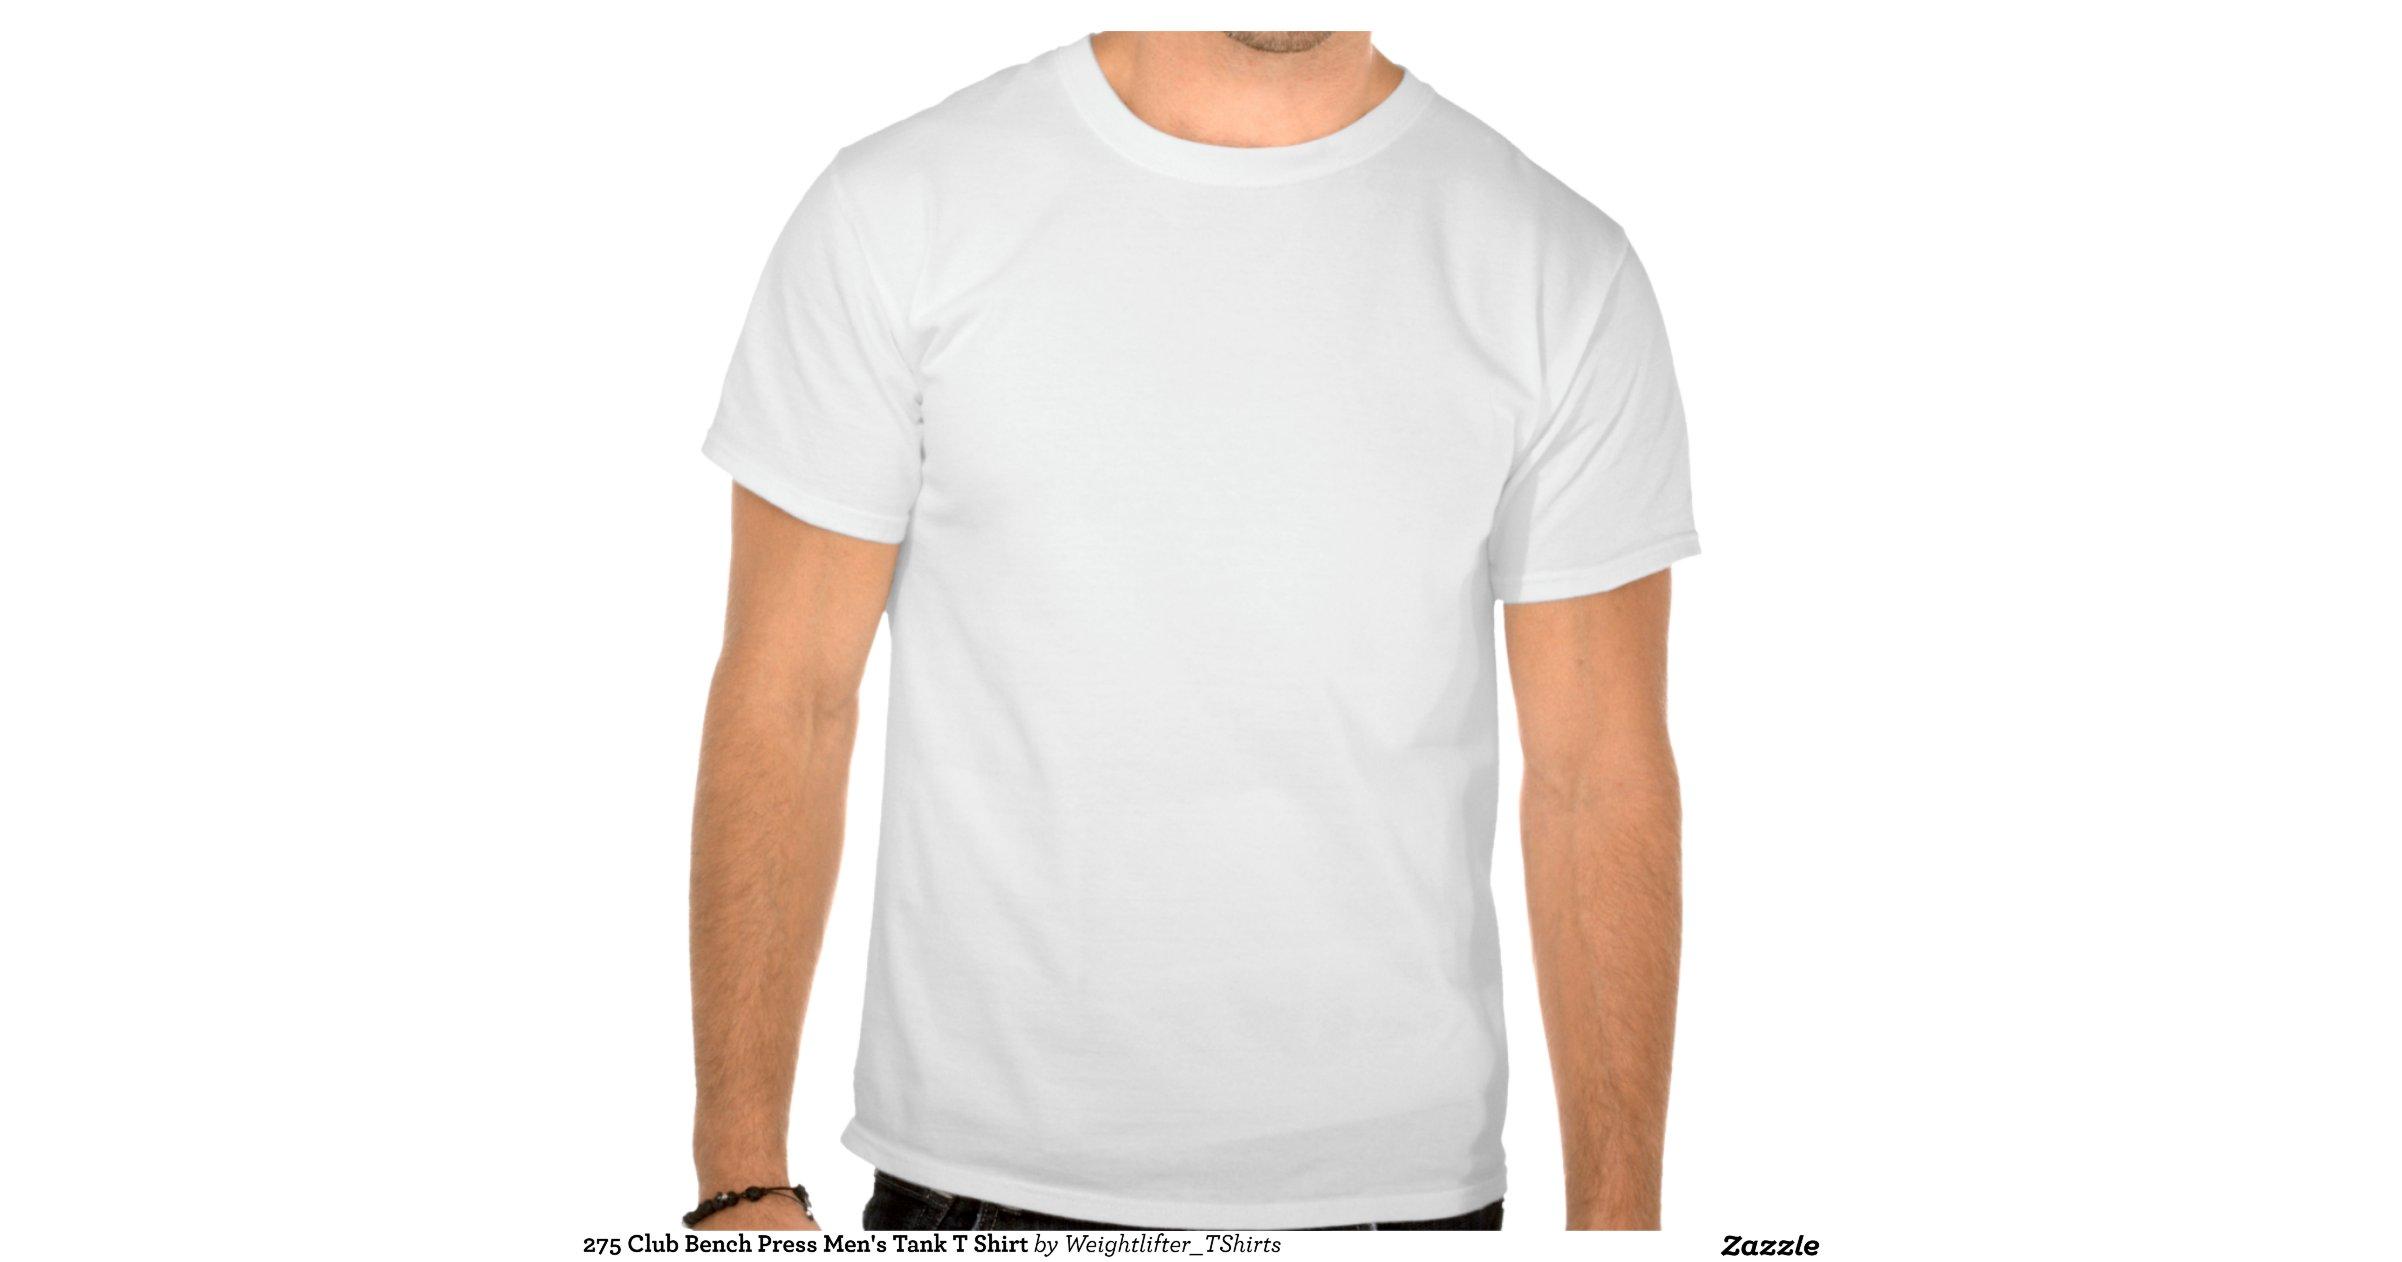 275 club bench press mens tank t shirt